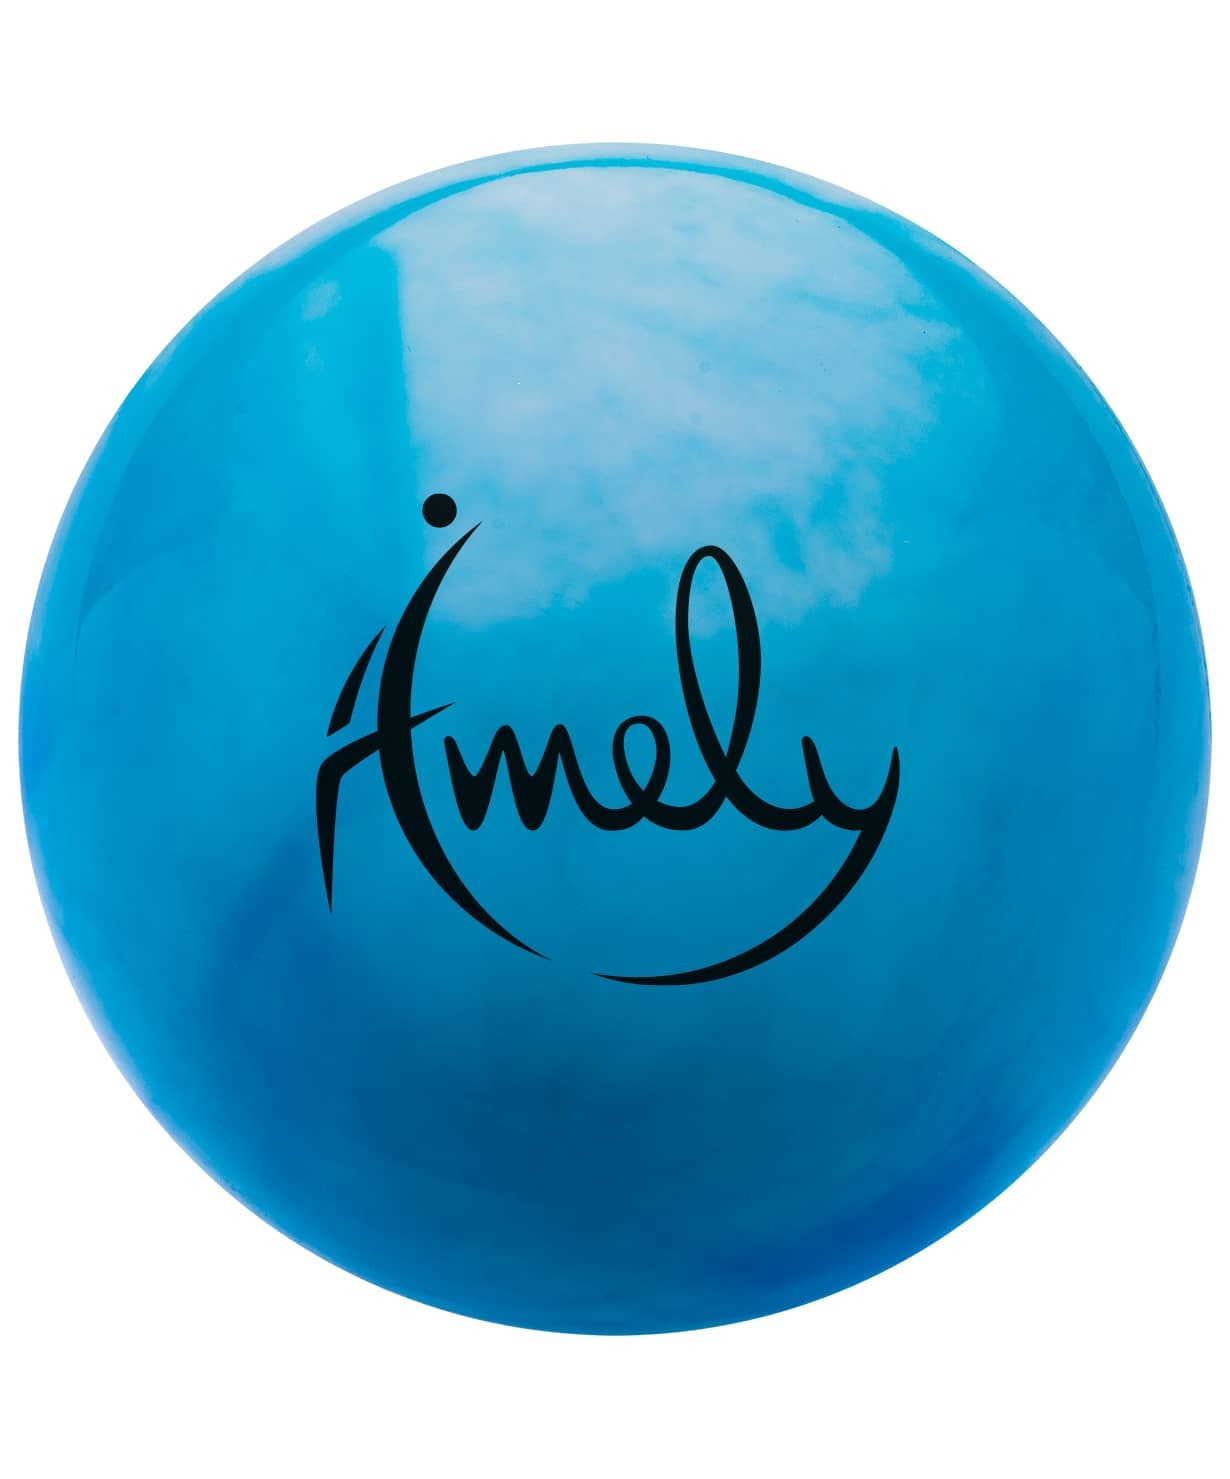 Мяч для художественной гимнастики AGB-301 15 см, синий/белый